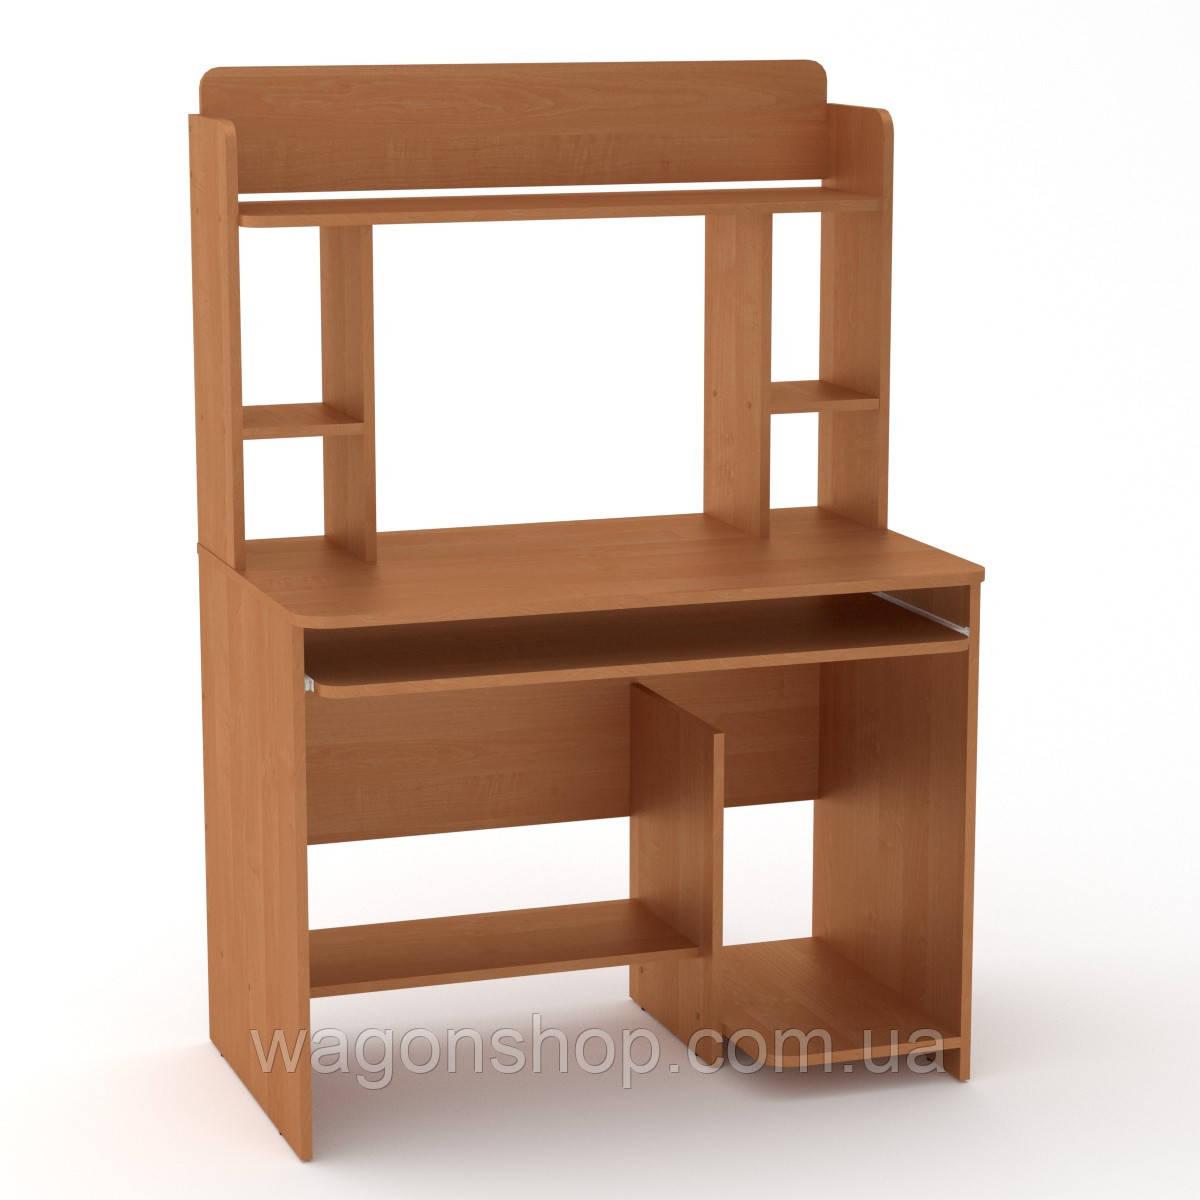 Стол компьютерный Компанит СКМ-6